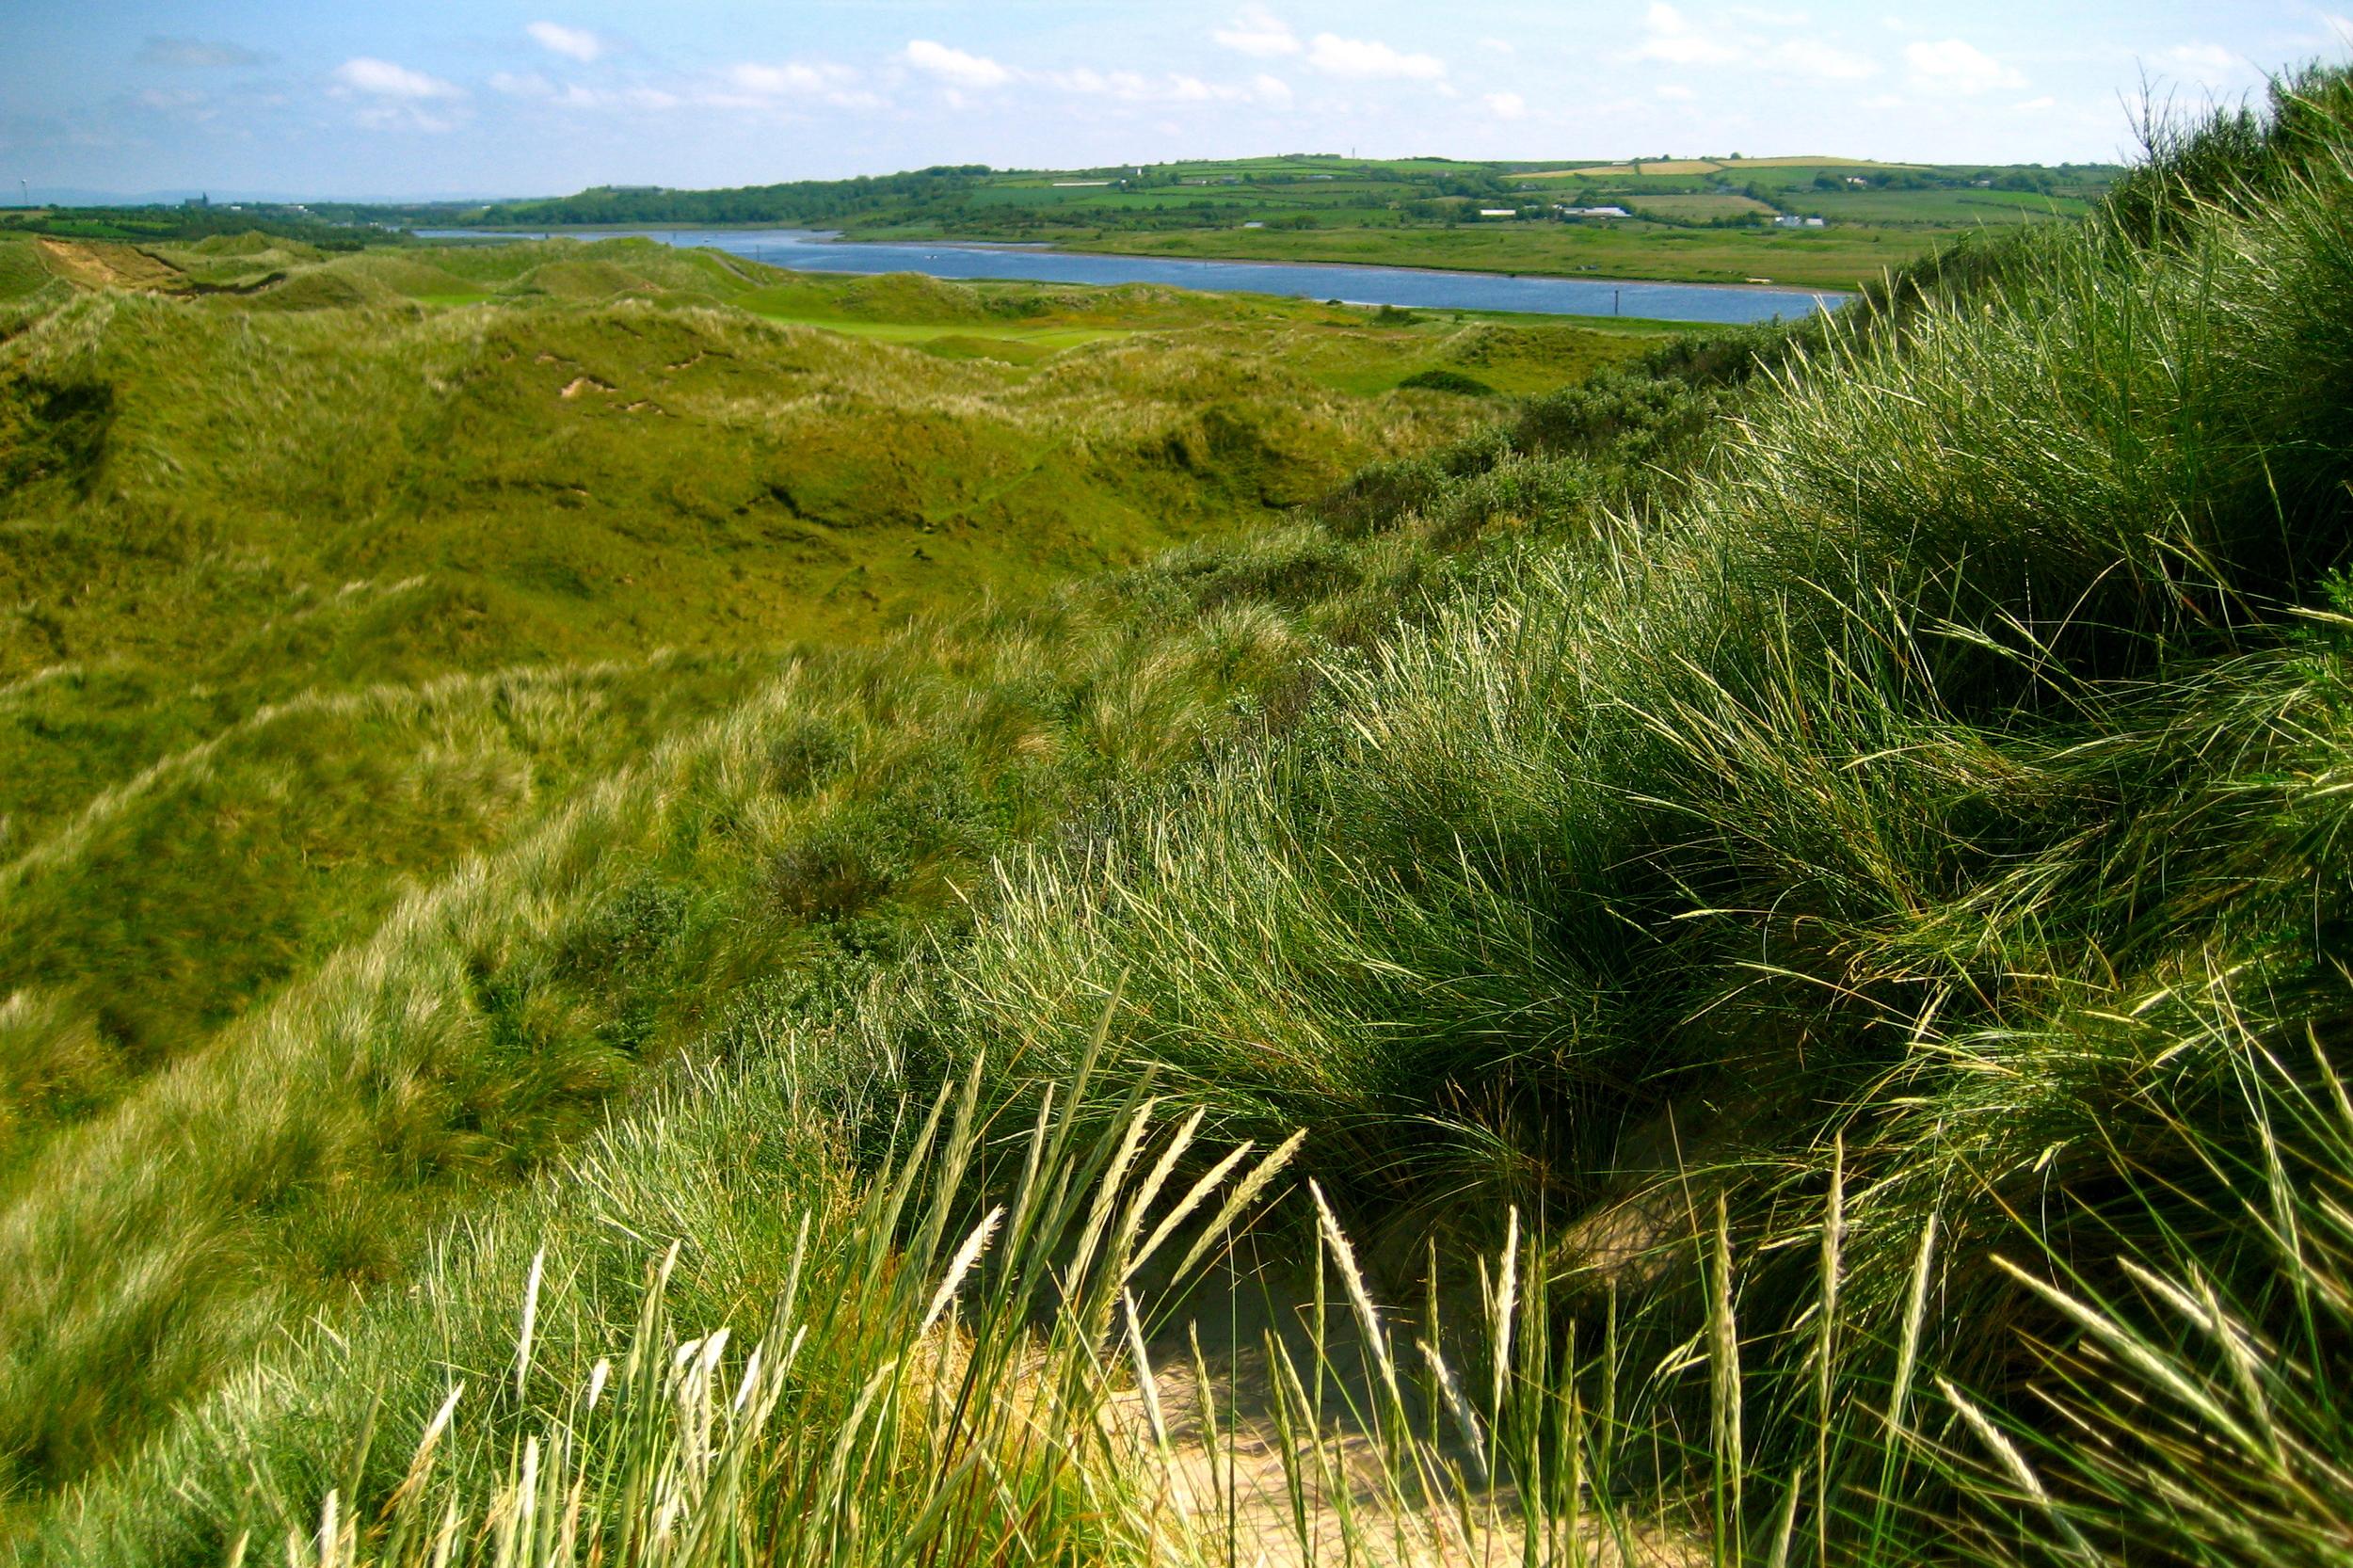 Northern Ireland, Summer 2013